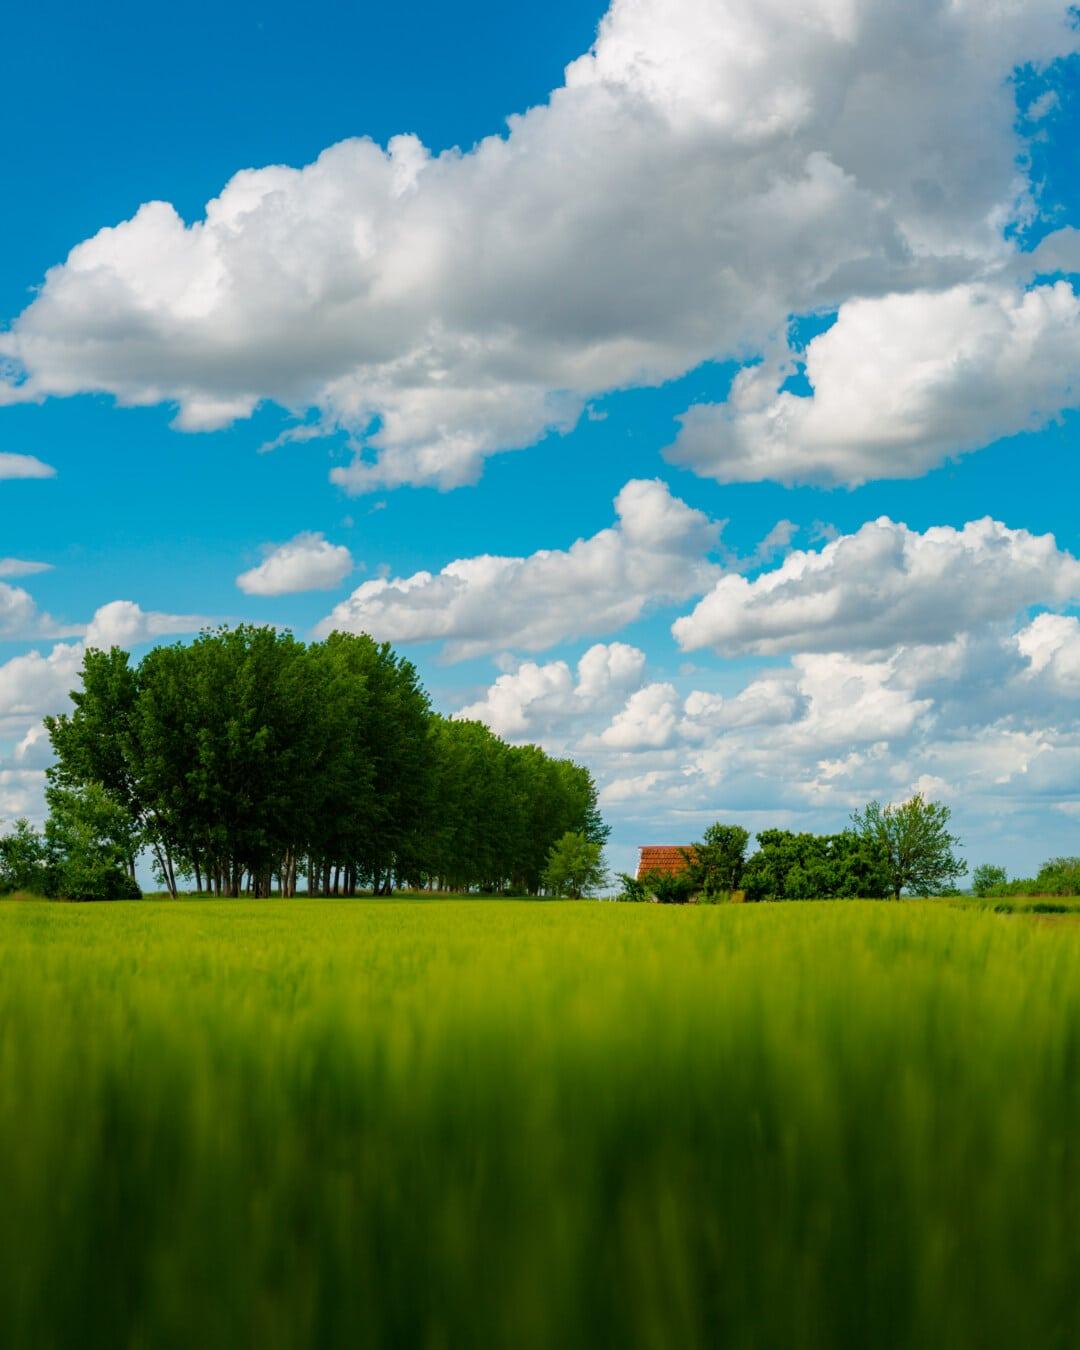 printemps, champ de blé, les terres agricoles, ferme, Cottage, été, domaine, ferme, herbe, prairie